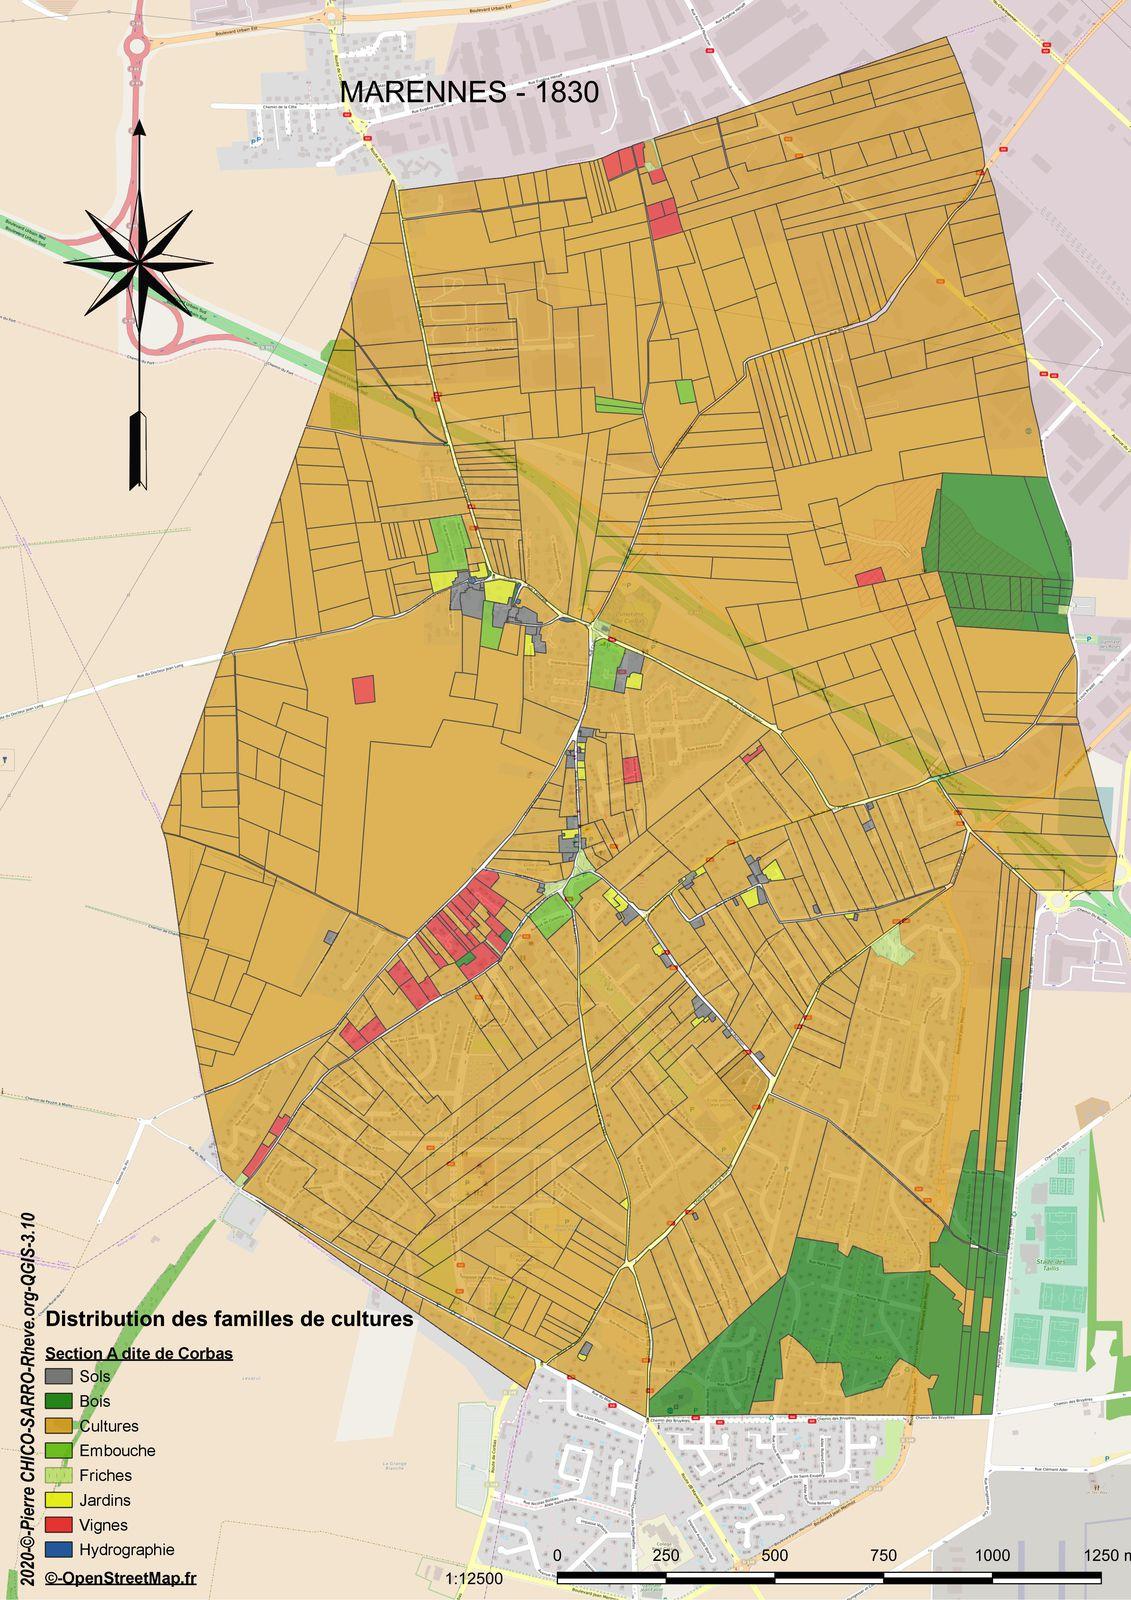 Distribution des familles de cultures dans la section A dite de Corbas à Marennes en 1830